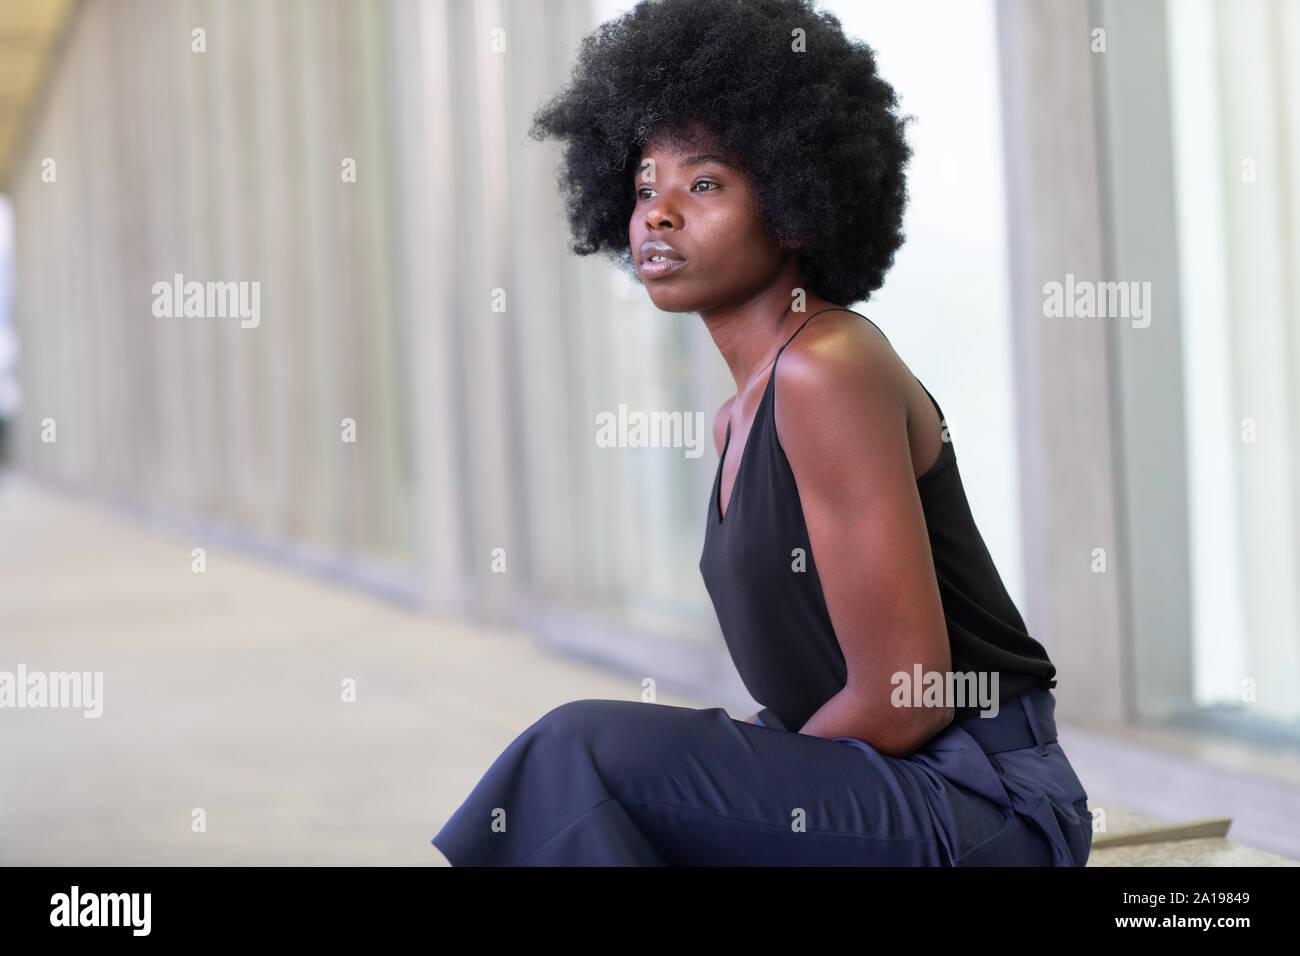 Piuttosto giovane donna africana su strade cittadine, seduta sul banco di lavoro Foto Stock